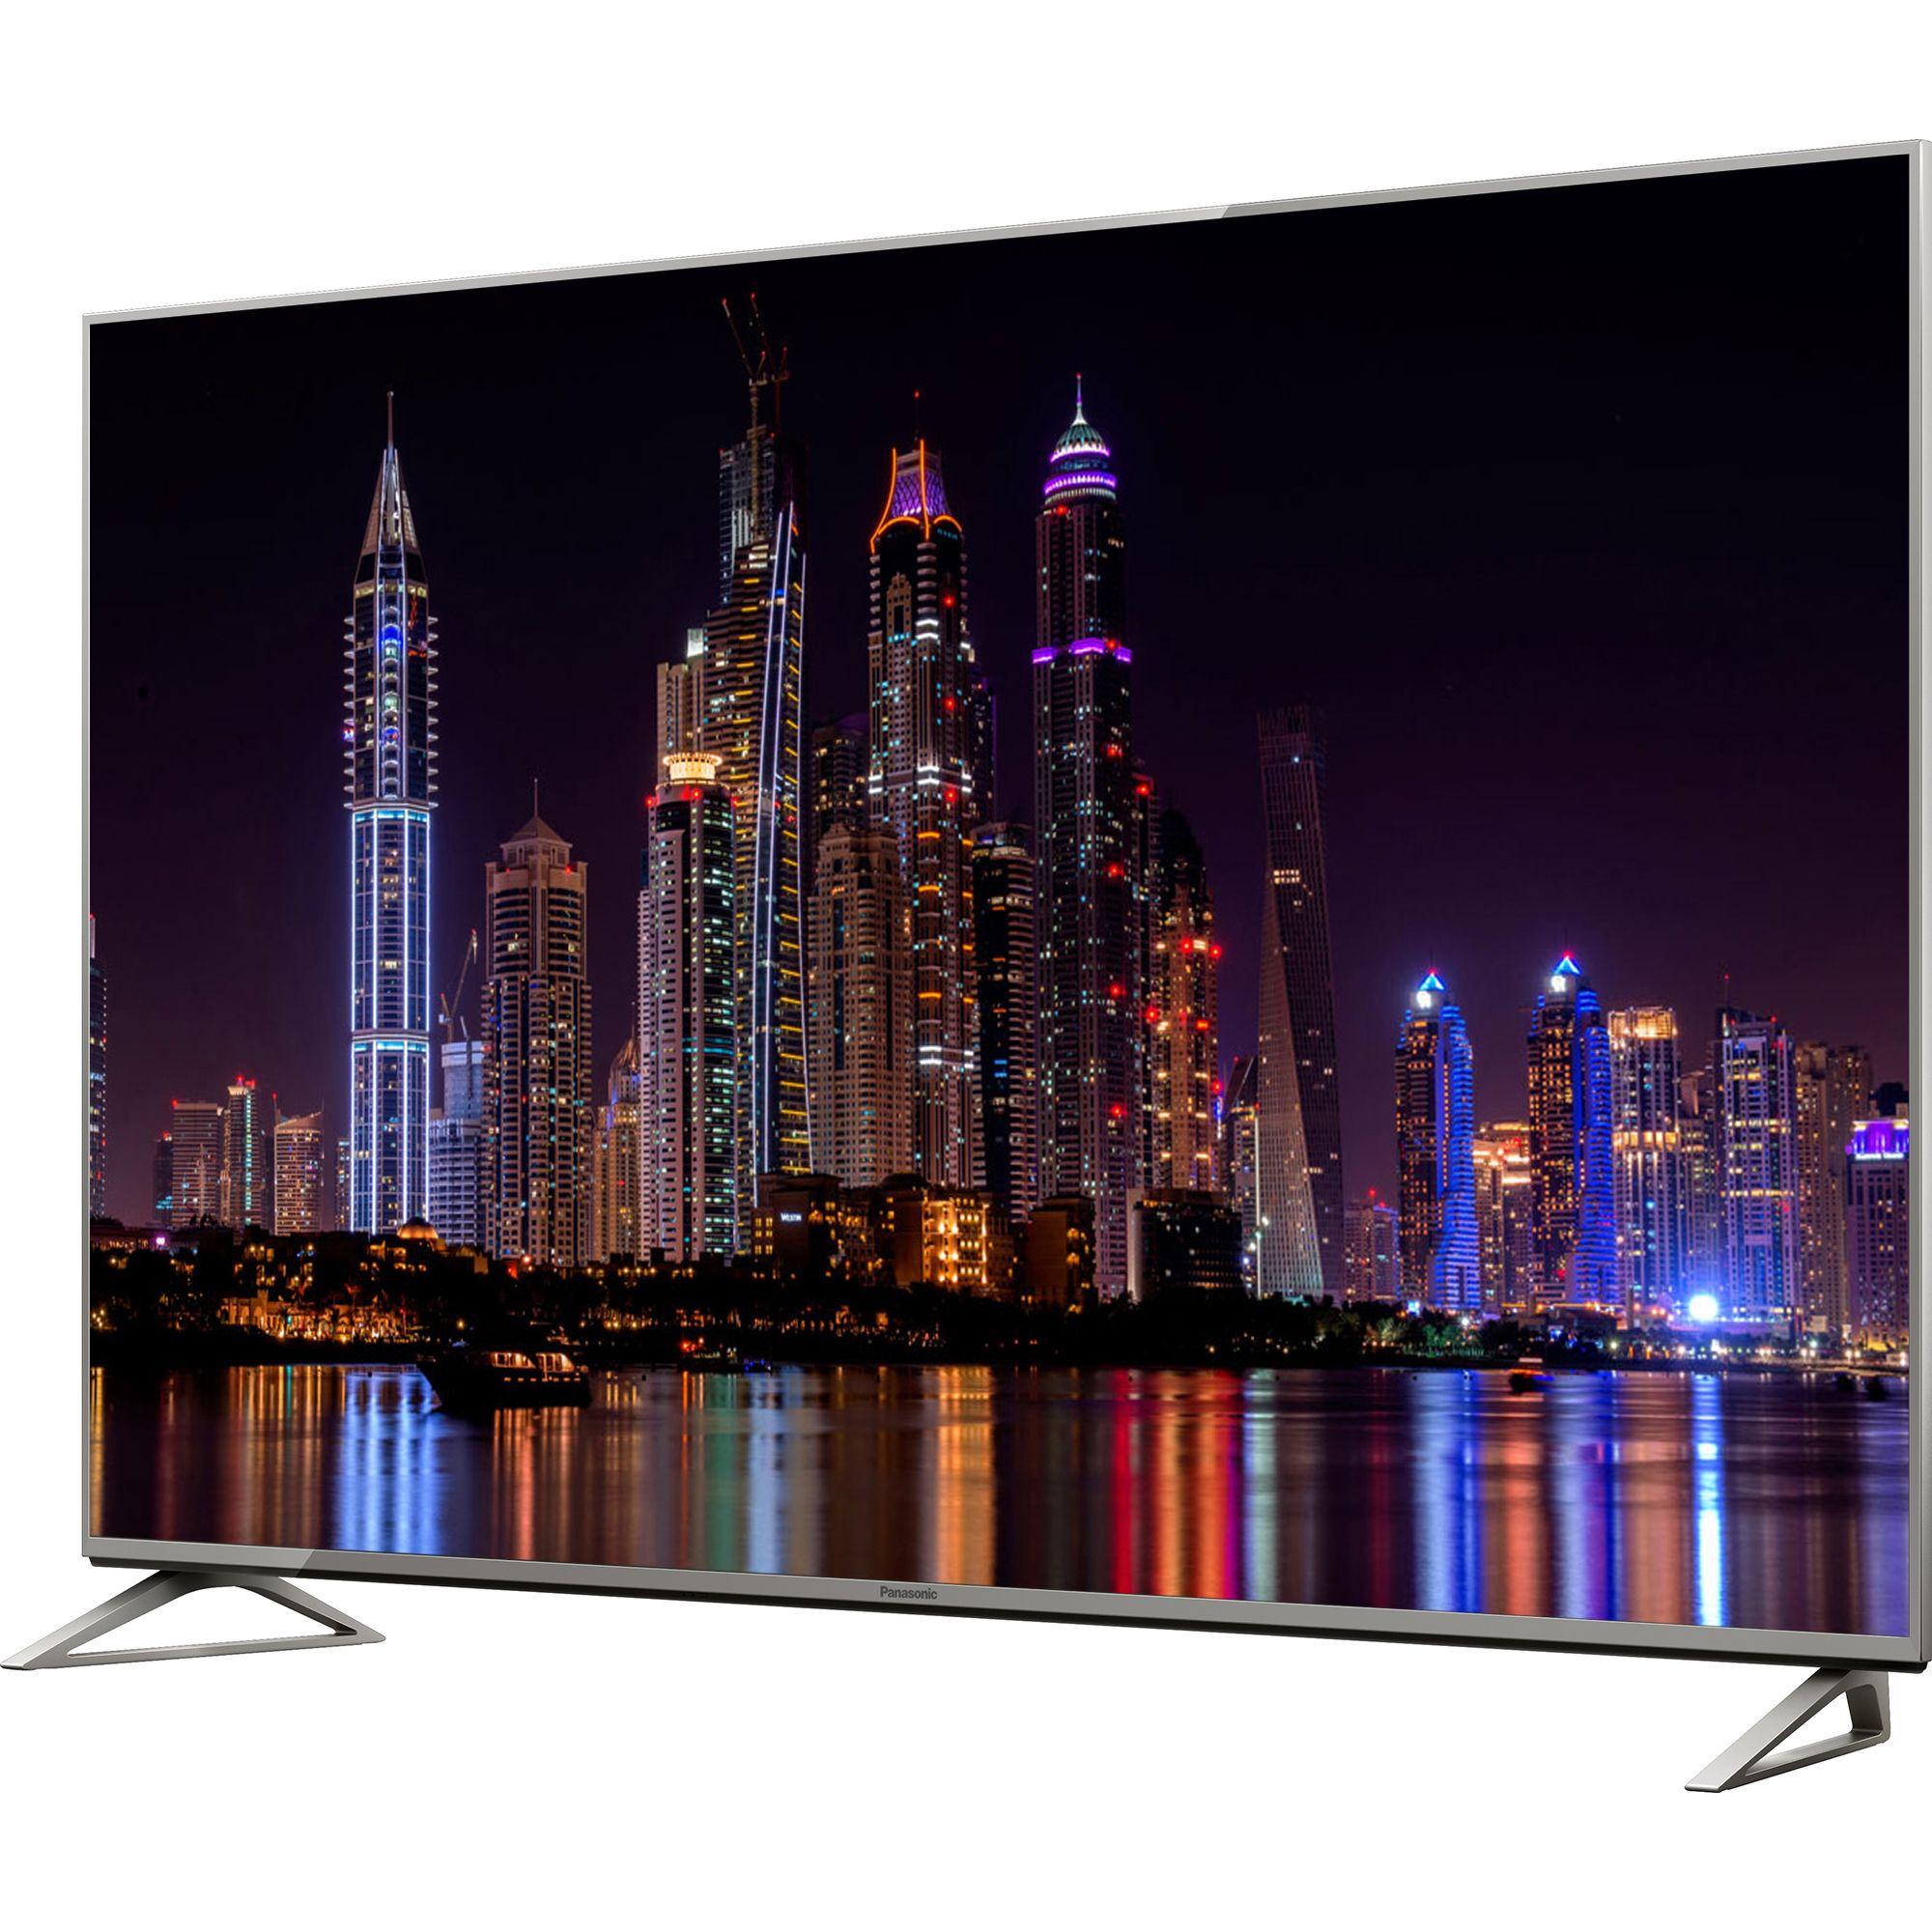 Televizor LED Smart Panasonic, 126 cm, TX-50DX700E, 4K Ultra HD